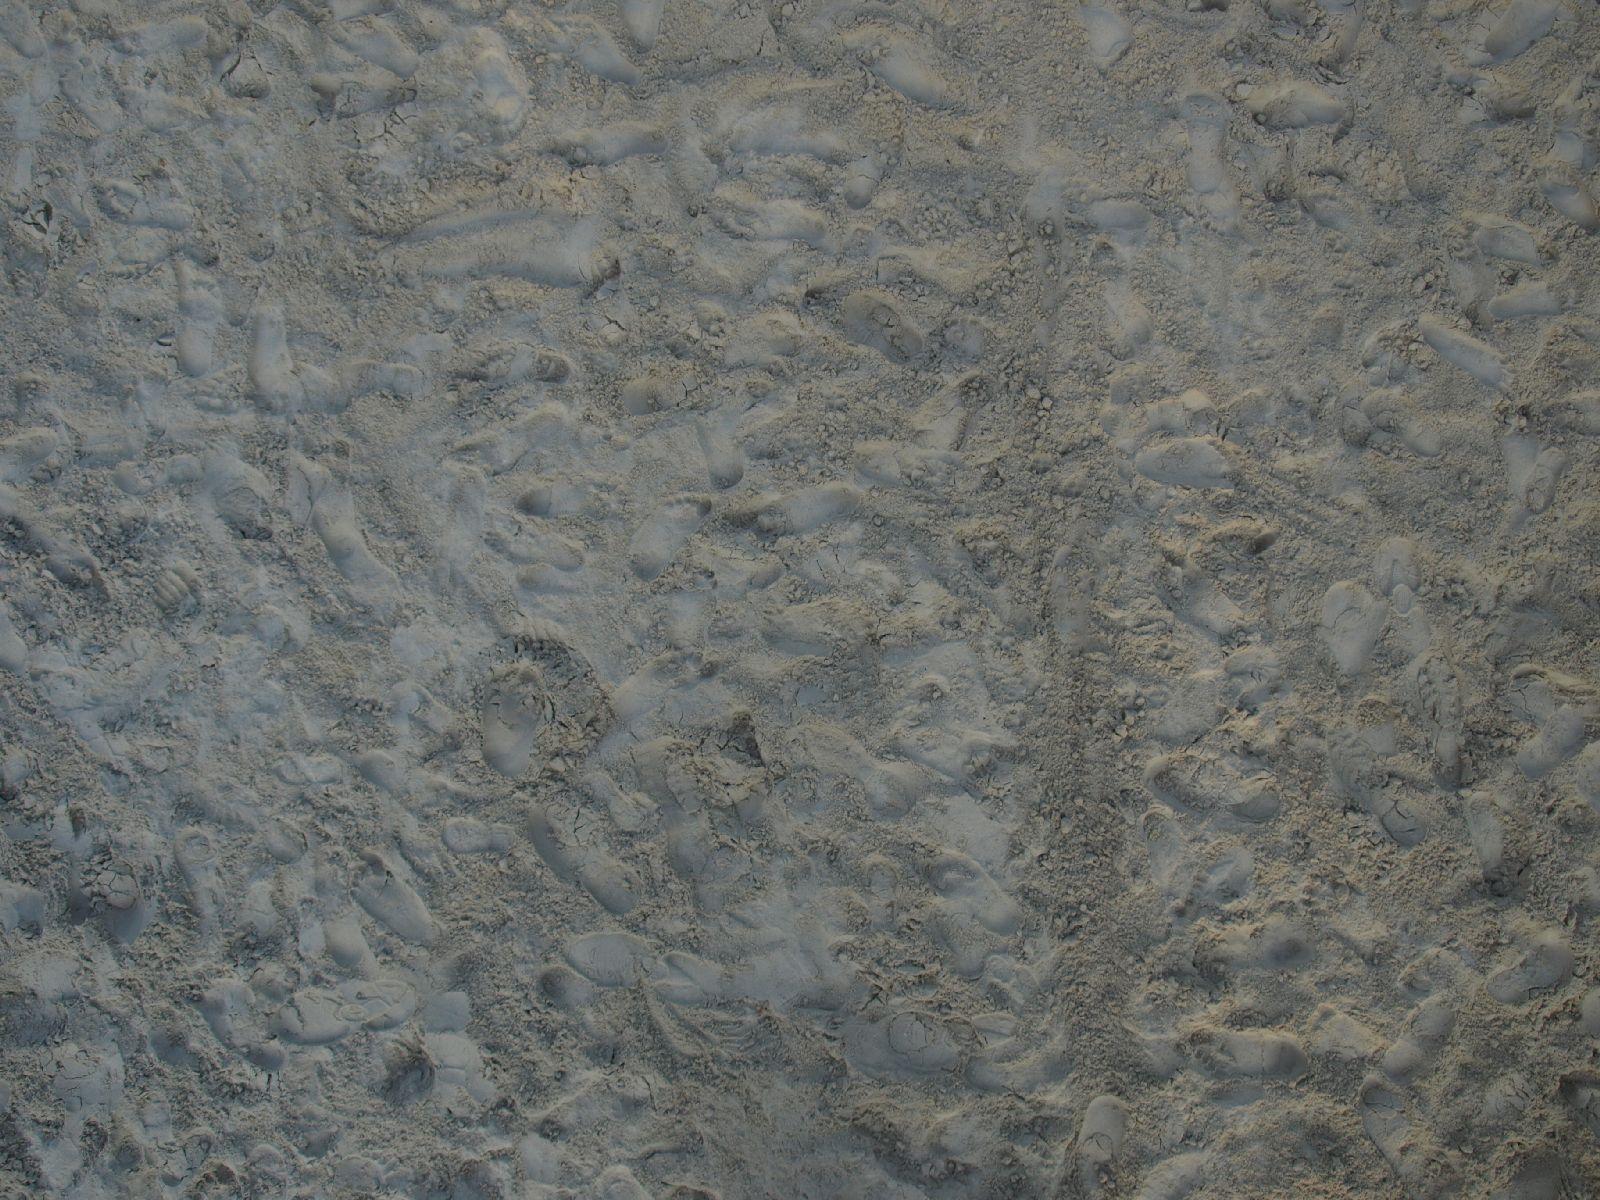 Boden-Erde-Steine_Textur_A_P6147620